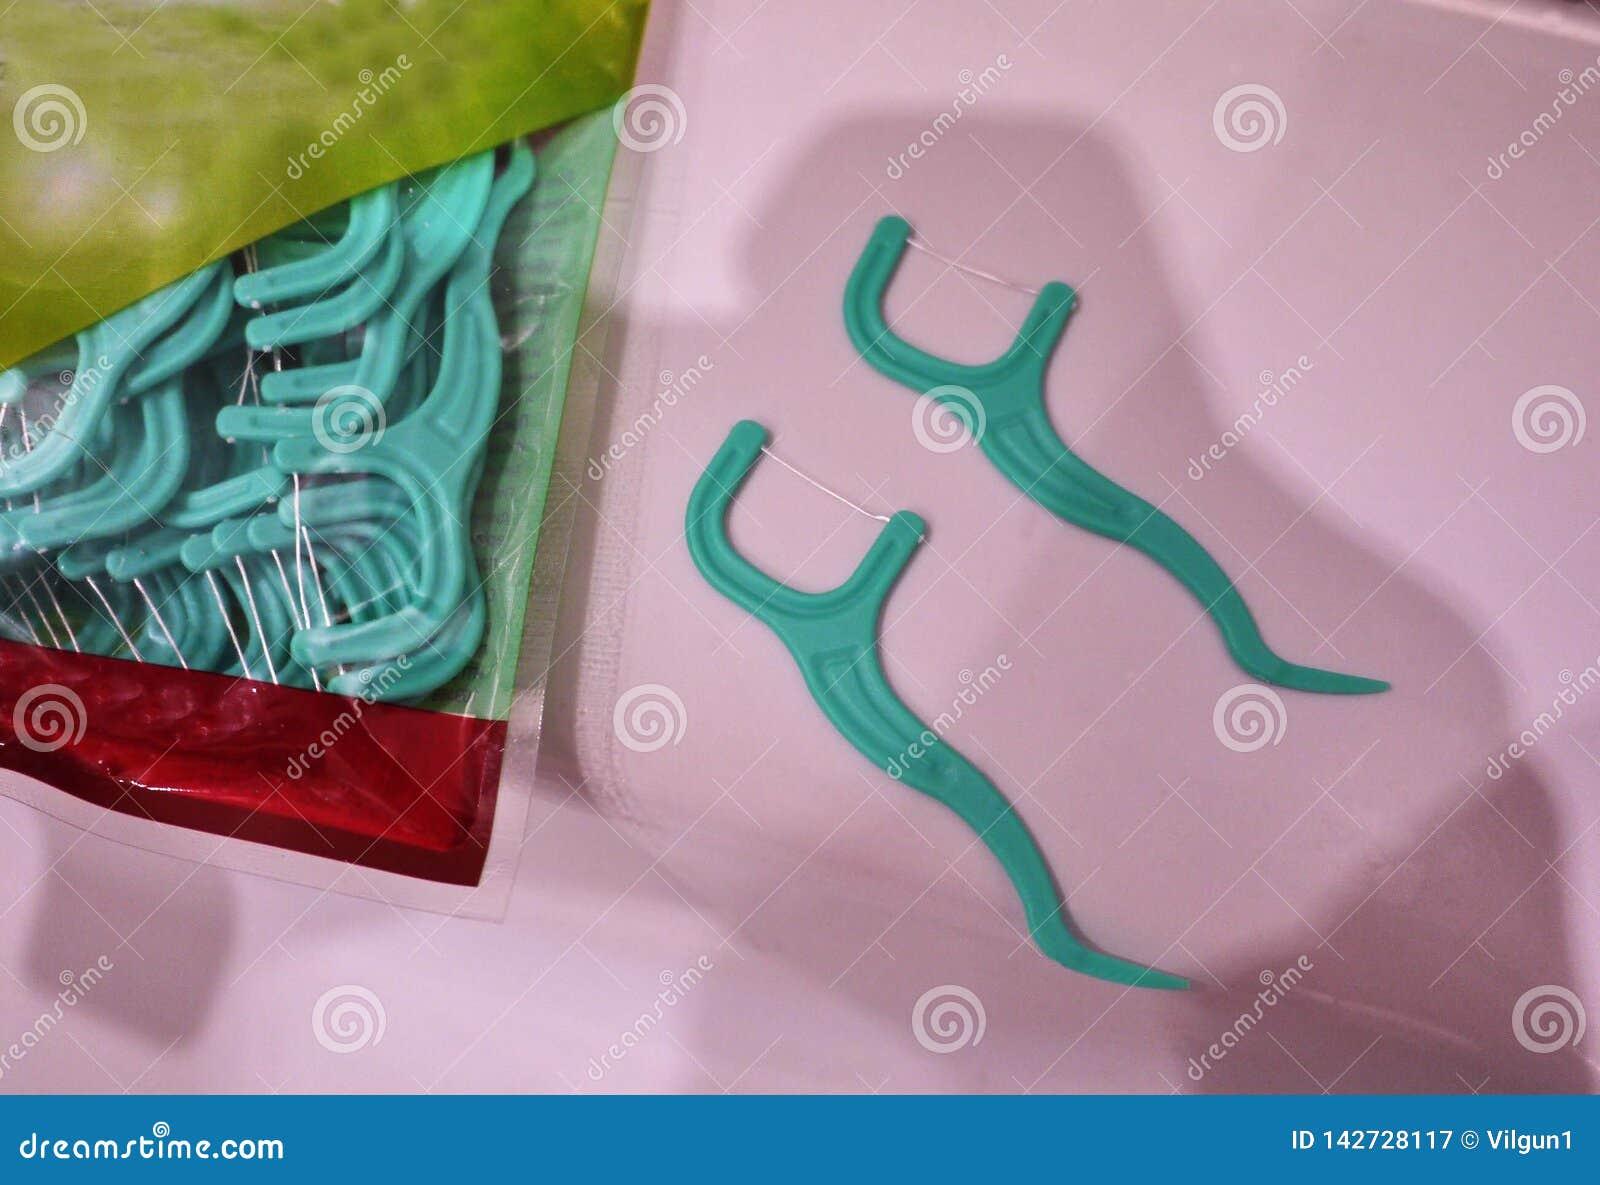 Cabeças de reposição da escova para a escova de dentes elétrica Limpe muito mais eficazmente